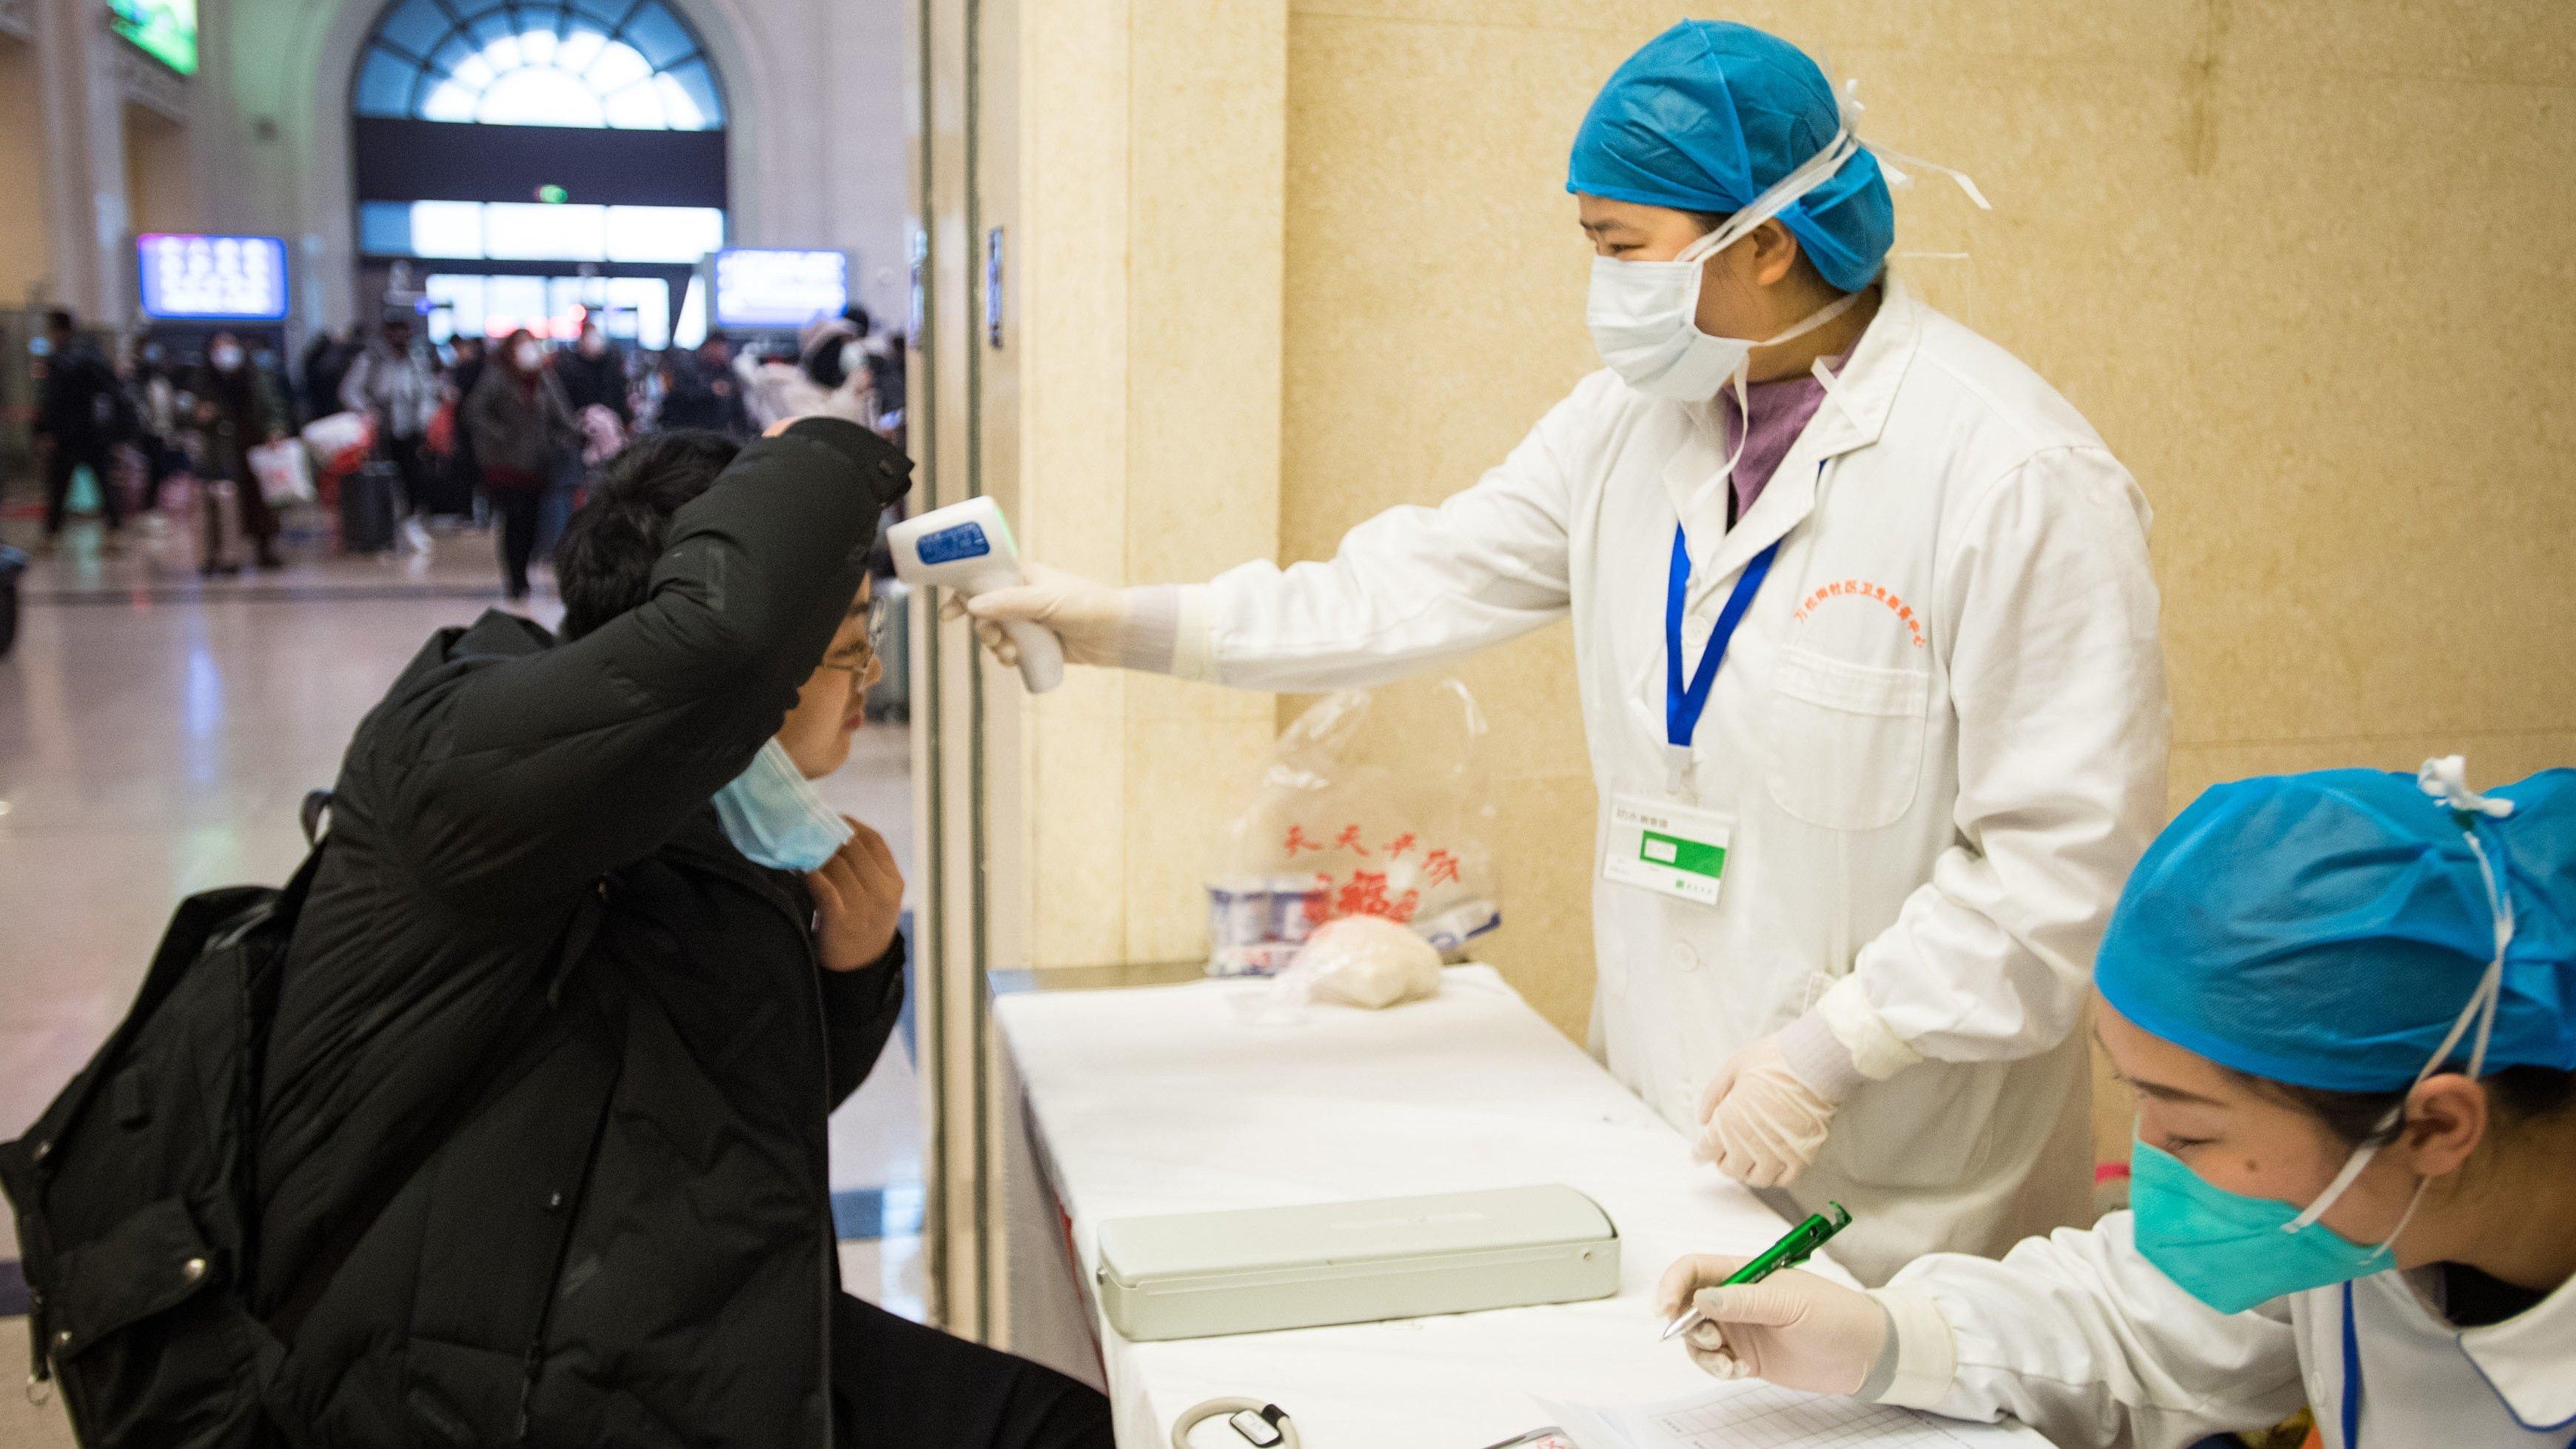 Қырғызстан коронавирустың алдын алу мақсатында Қазақстанмен шекарада карантин бекеттерін енгізді